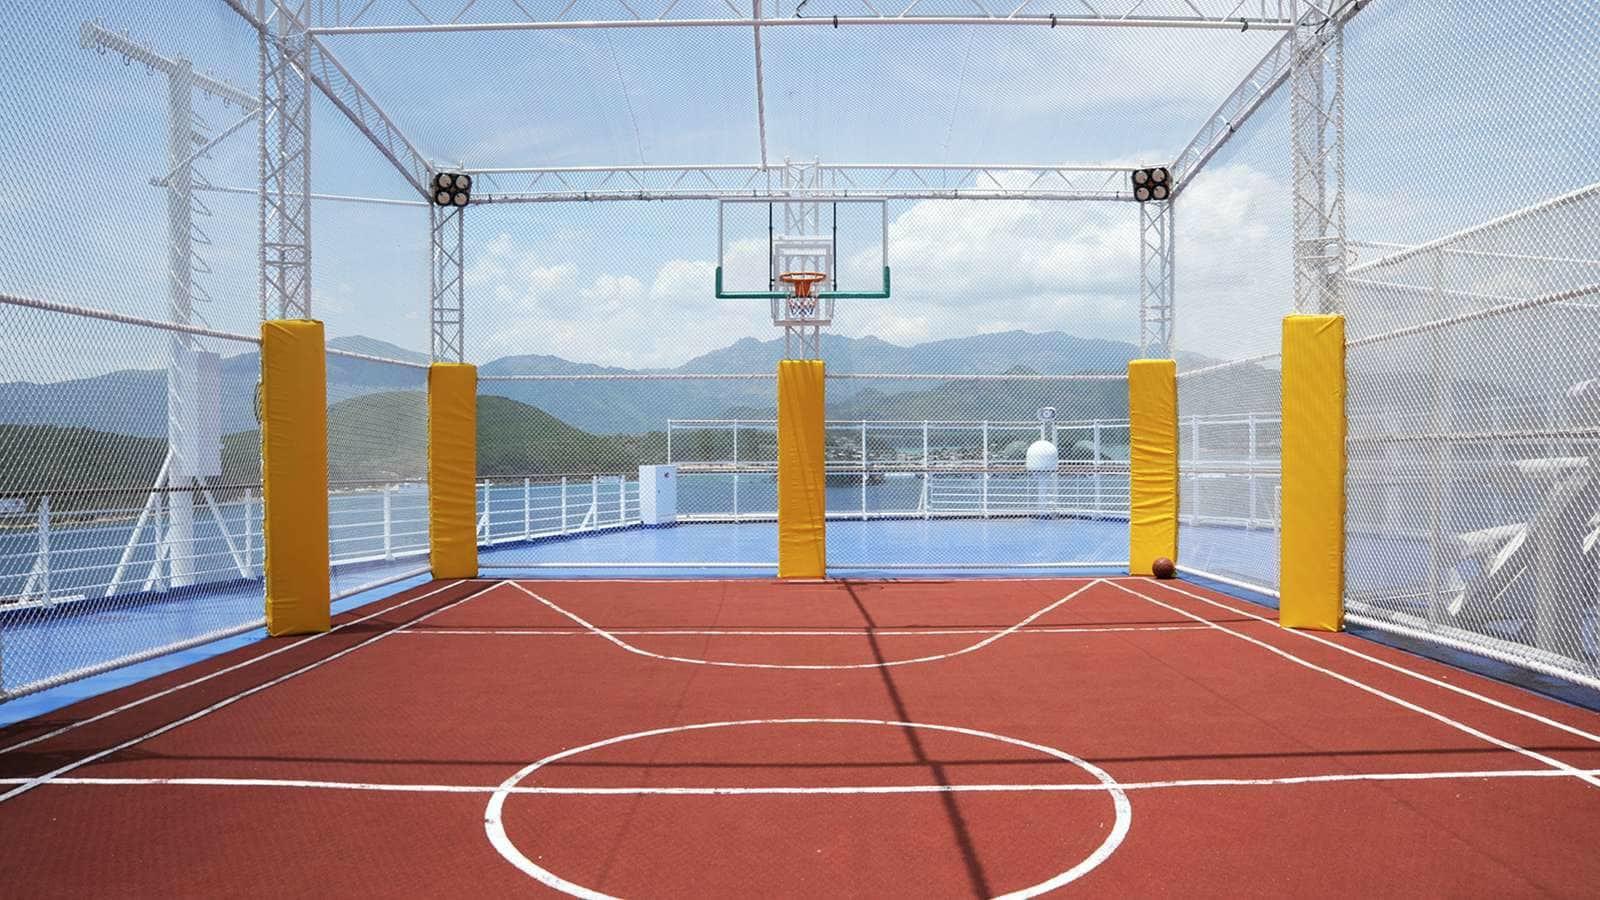 运动场 Sports Court